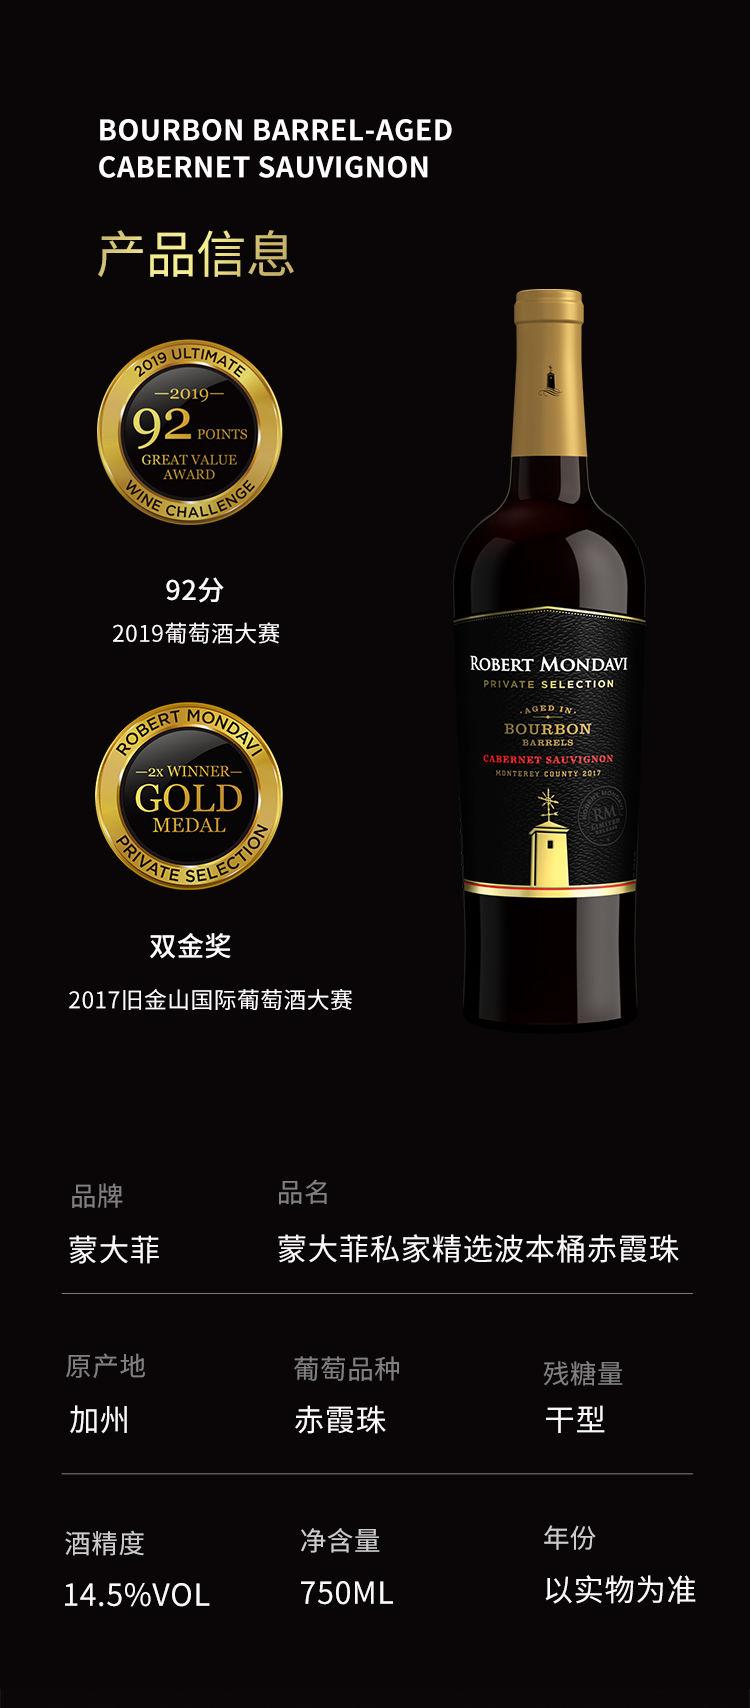 美国罗伯特·蒙大菲私家精选波本桶陈酿赤霞珠红葡萄酒系列蒙特雷县2017